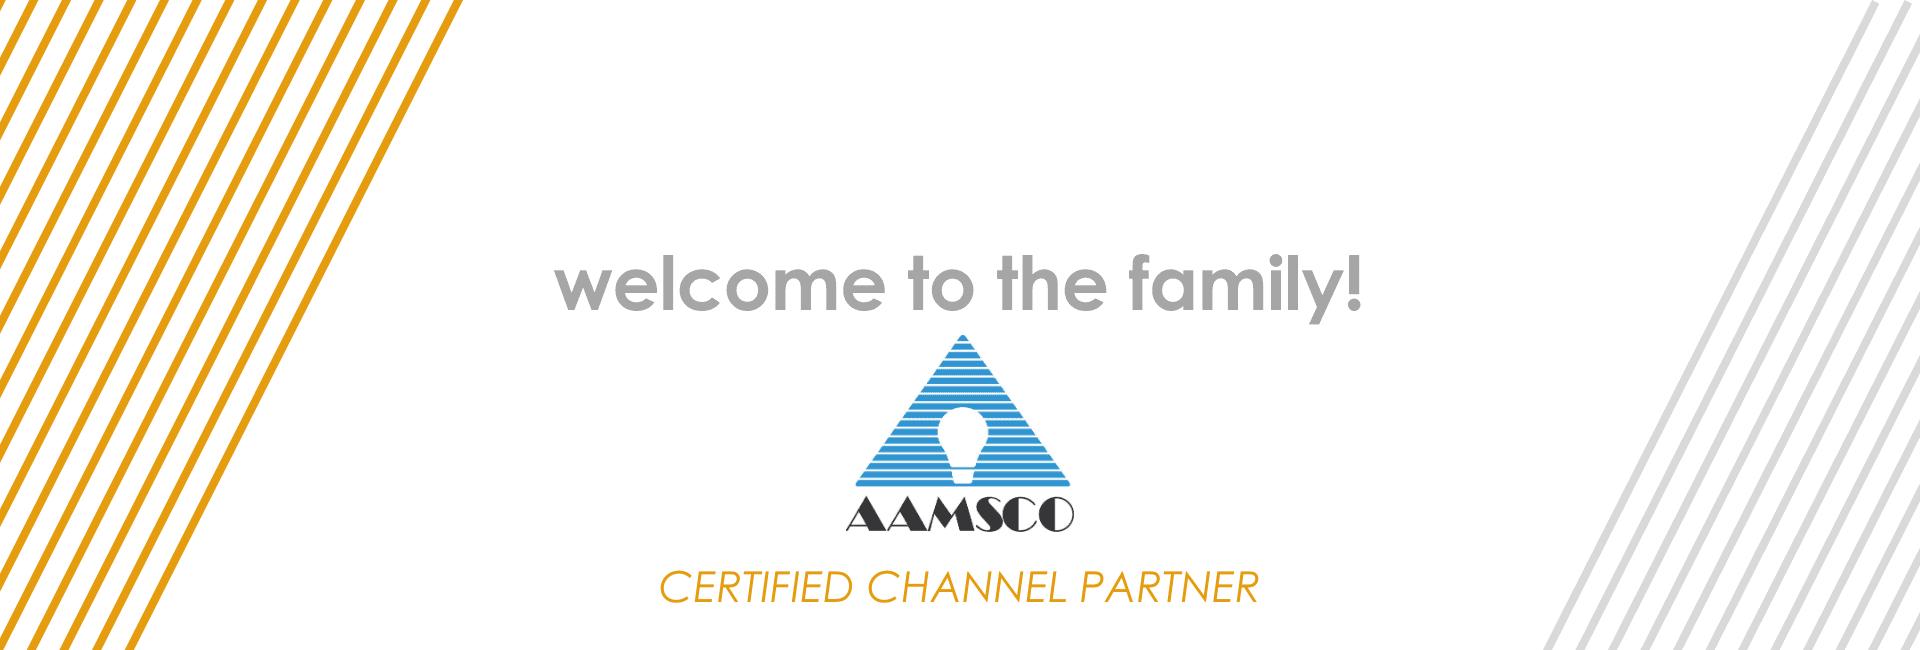 Aamsco Lighting Joins the Channel Partner Program | OLEDWorks